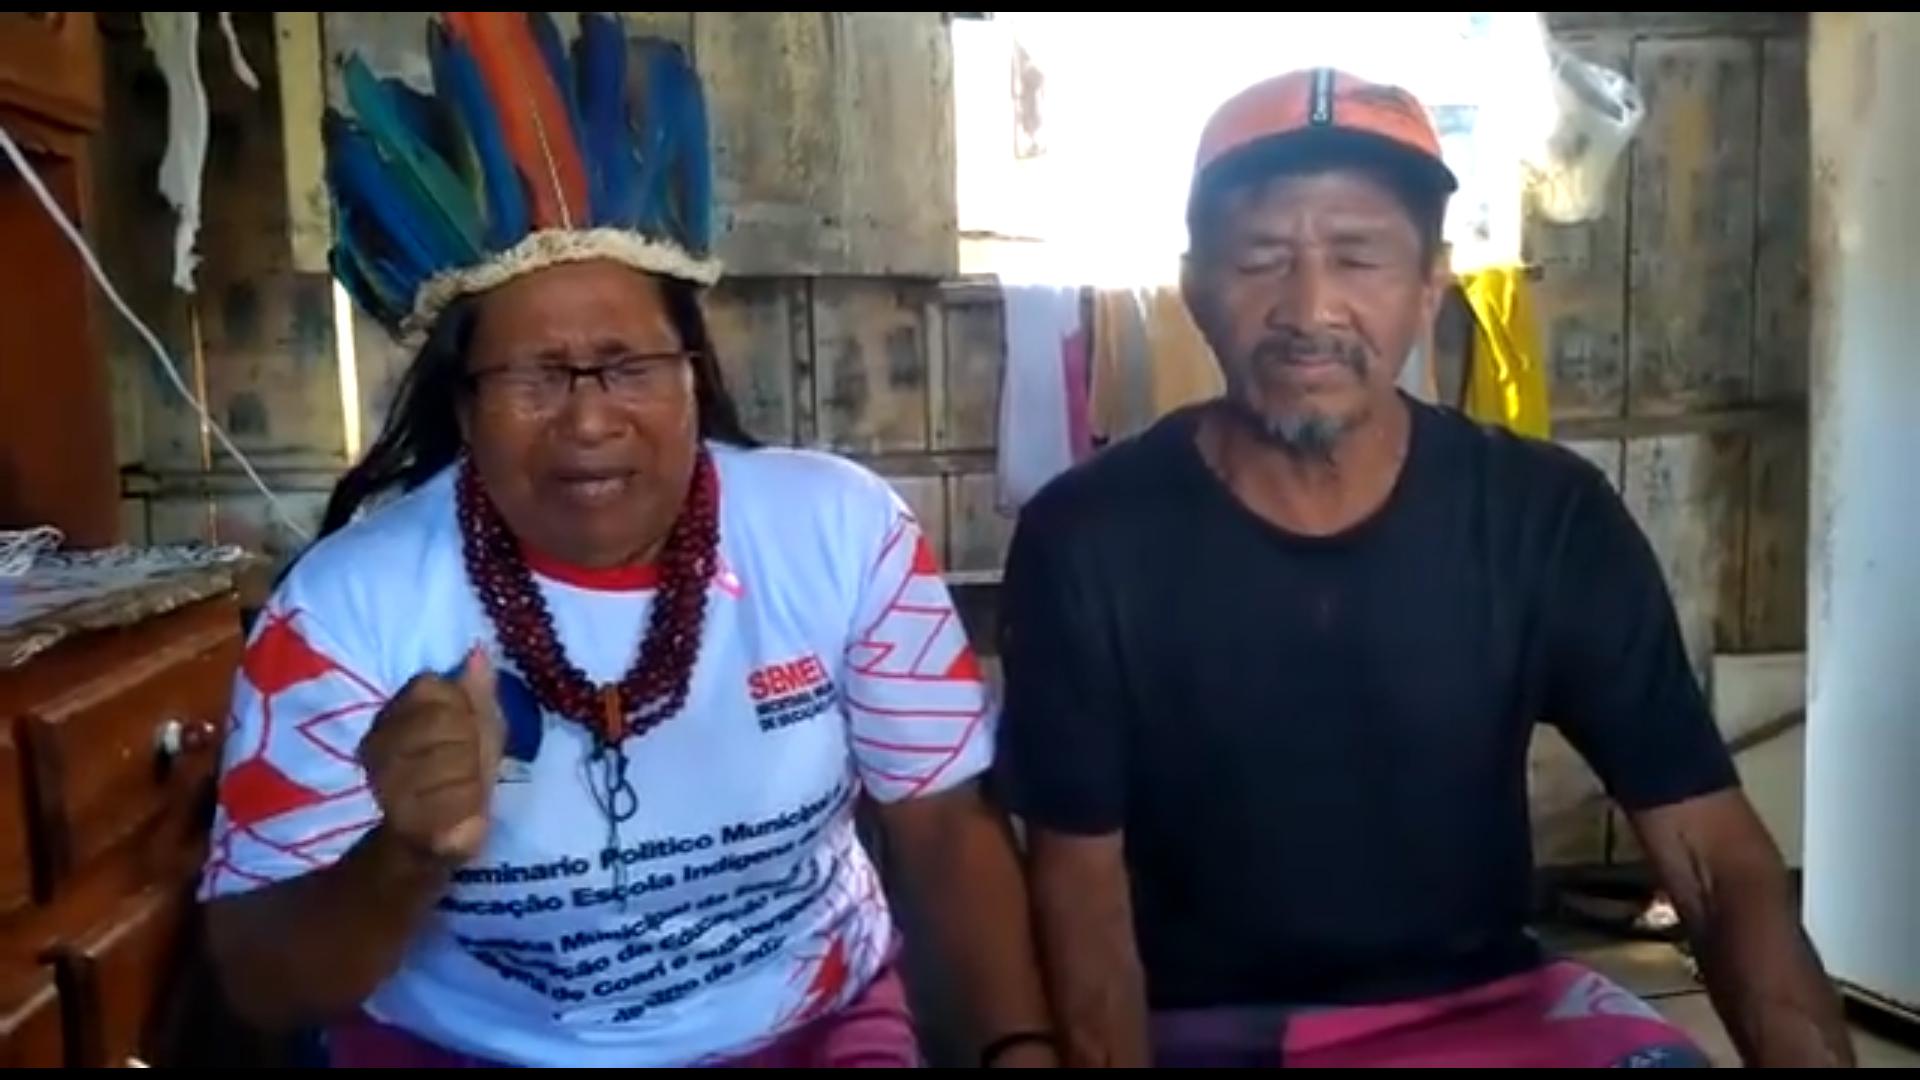 Cacica Miranha diz que Funai foi alertada sobre conflito que resultou em três mortes em Coari (AM)